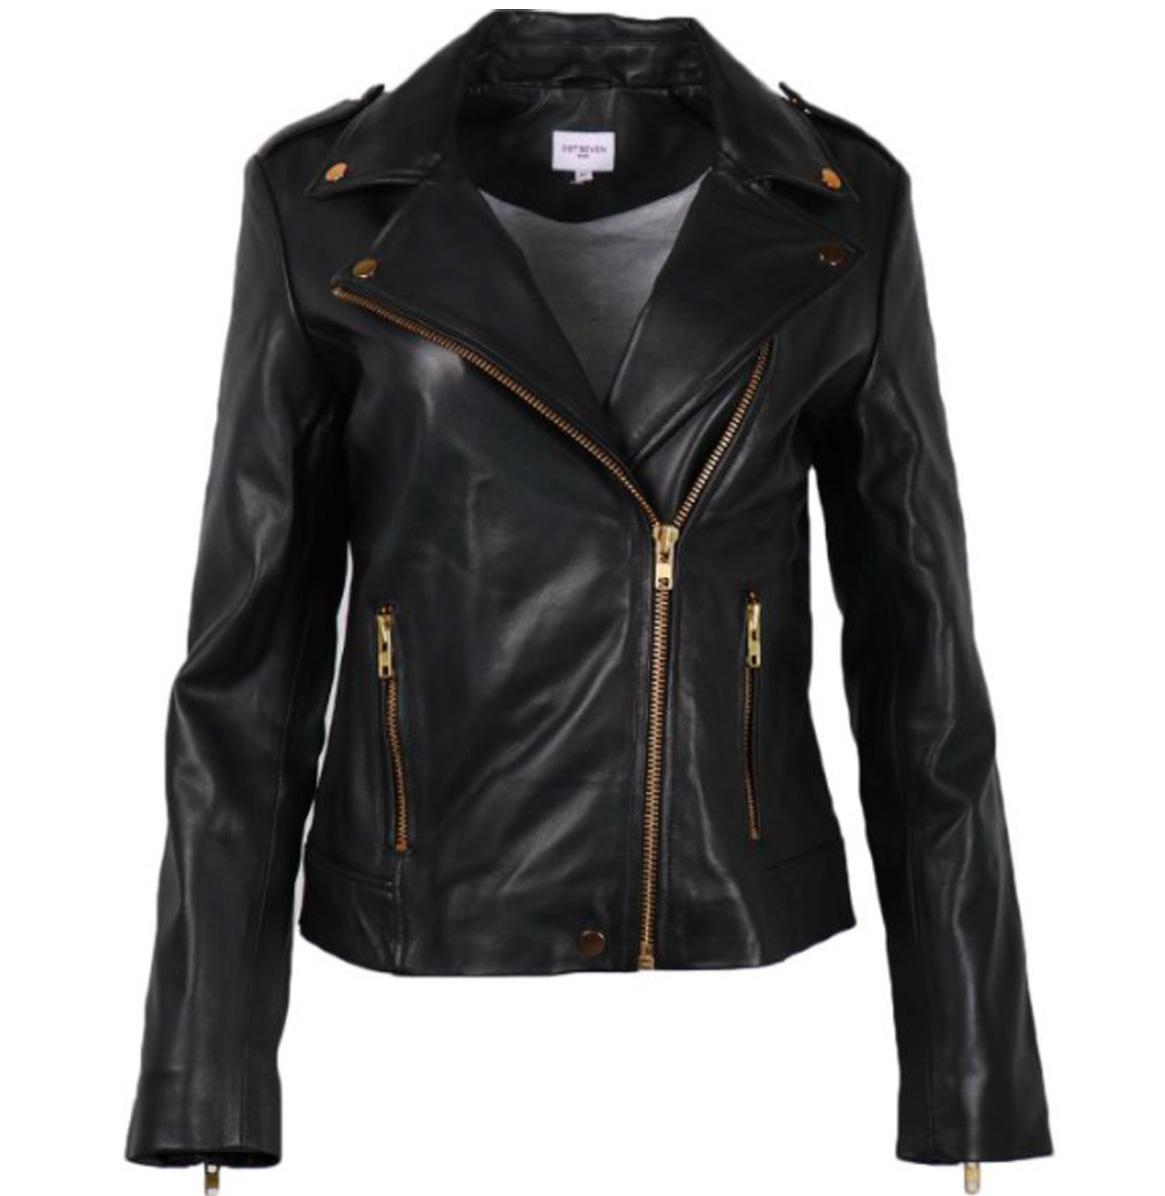 Est'Seven A/W Lederen Jacket van het merk Est'Seven